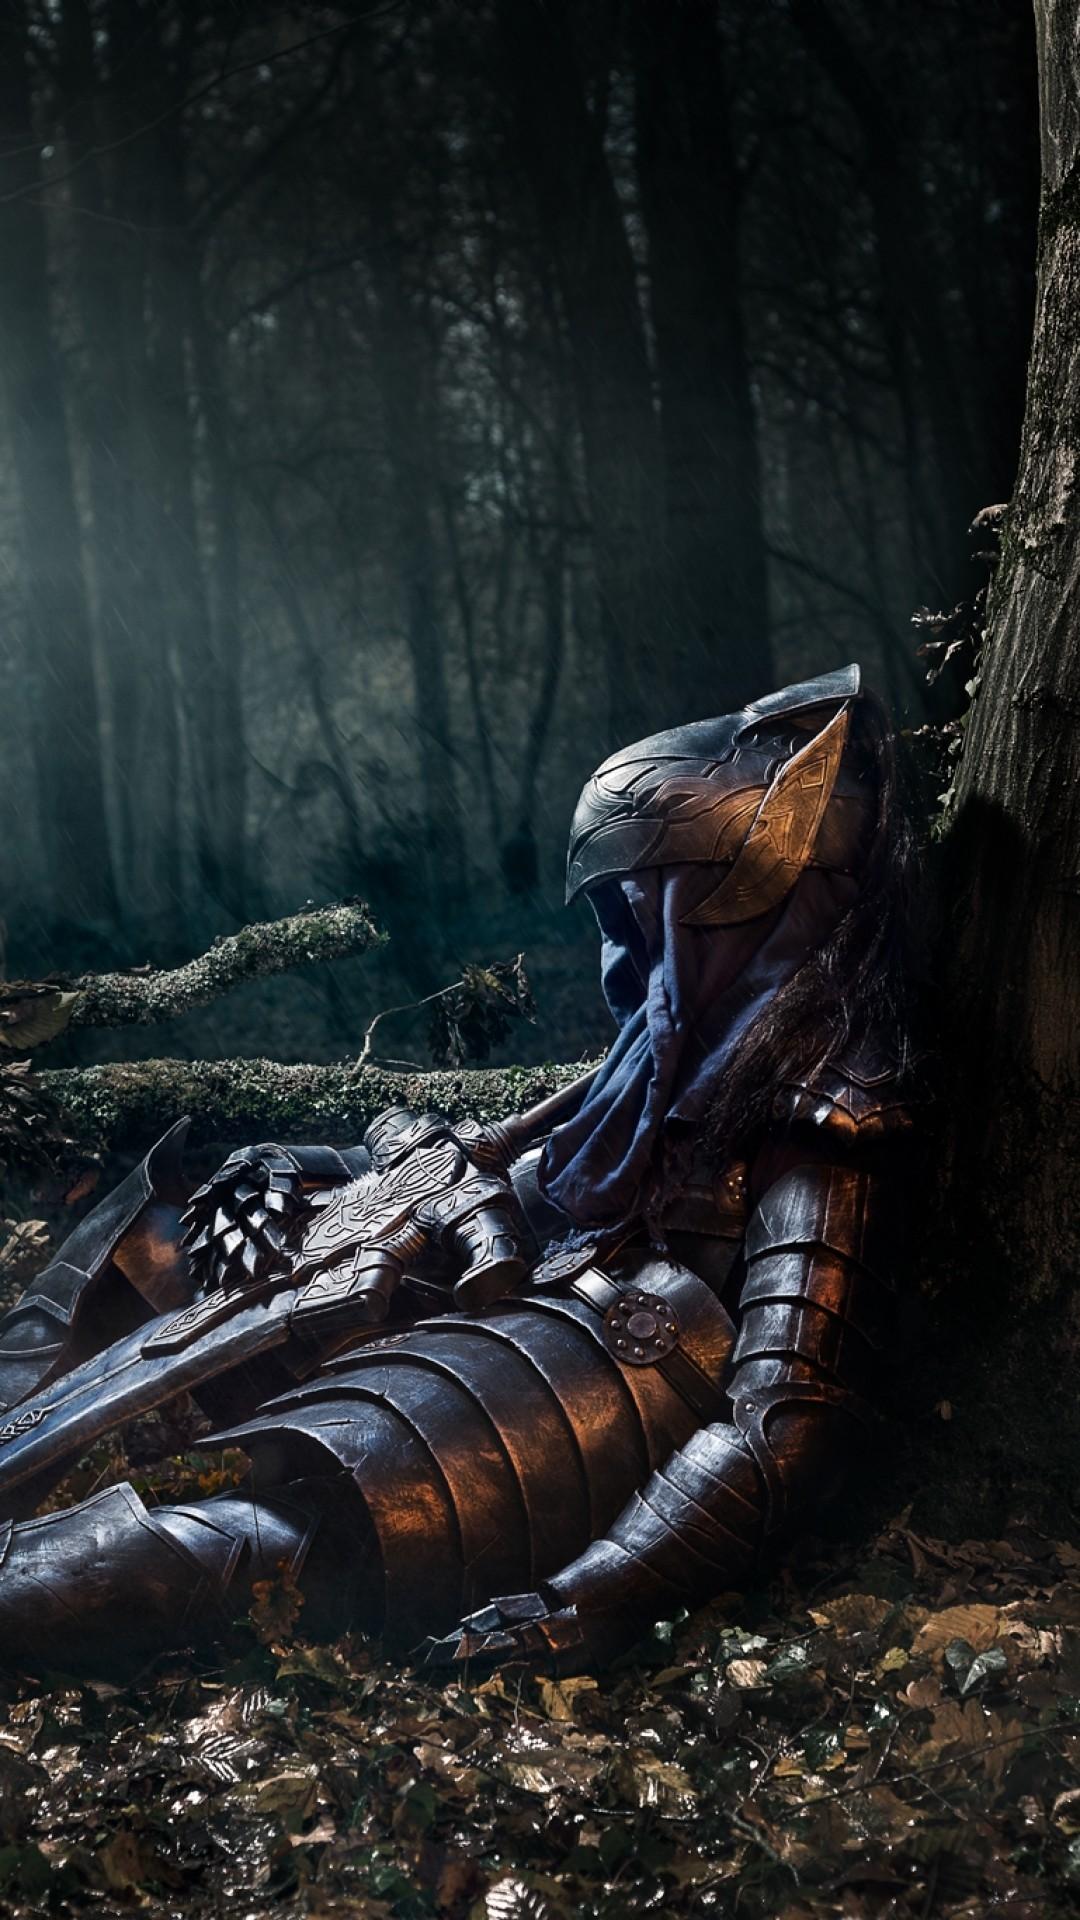 Dark Souls, Knight Artorias, Armor, Sword, Shield, Sitting, Dark Forest